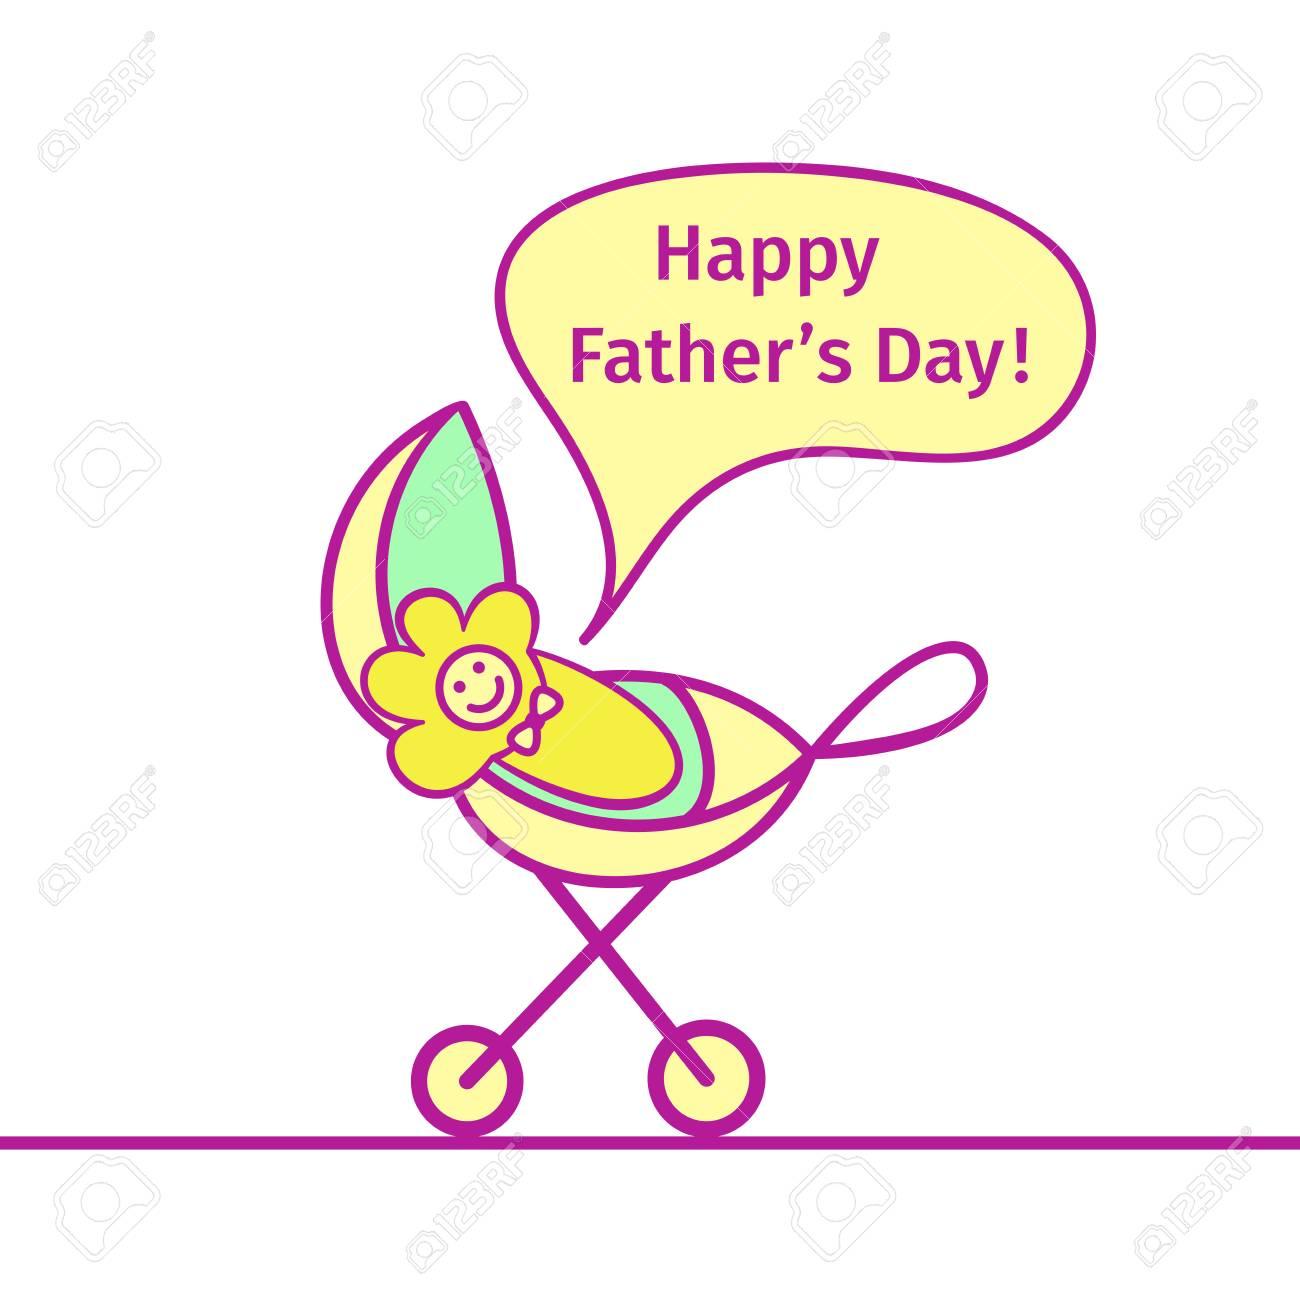 Bebe En El Carruaje Grita Feliz Dia De Padre Dibujo En Estilo De